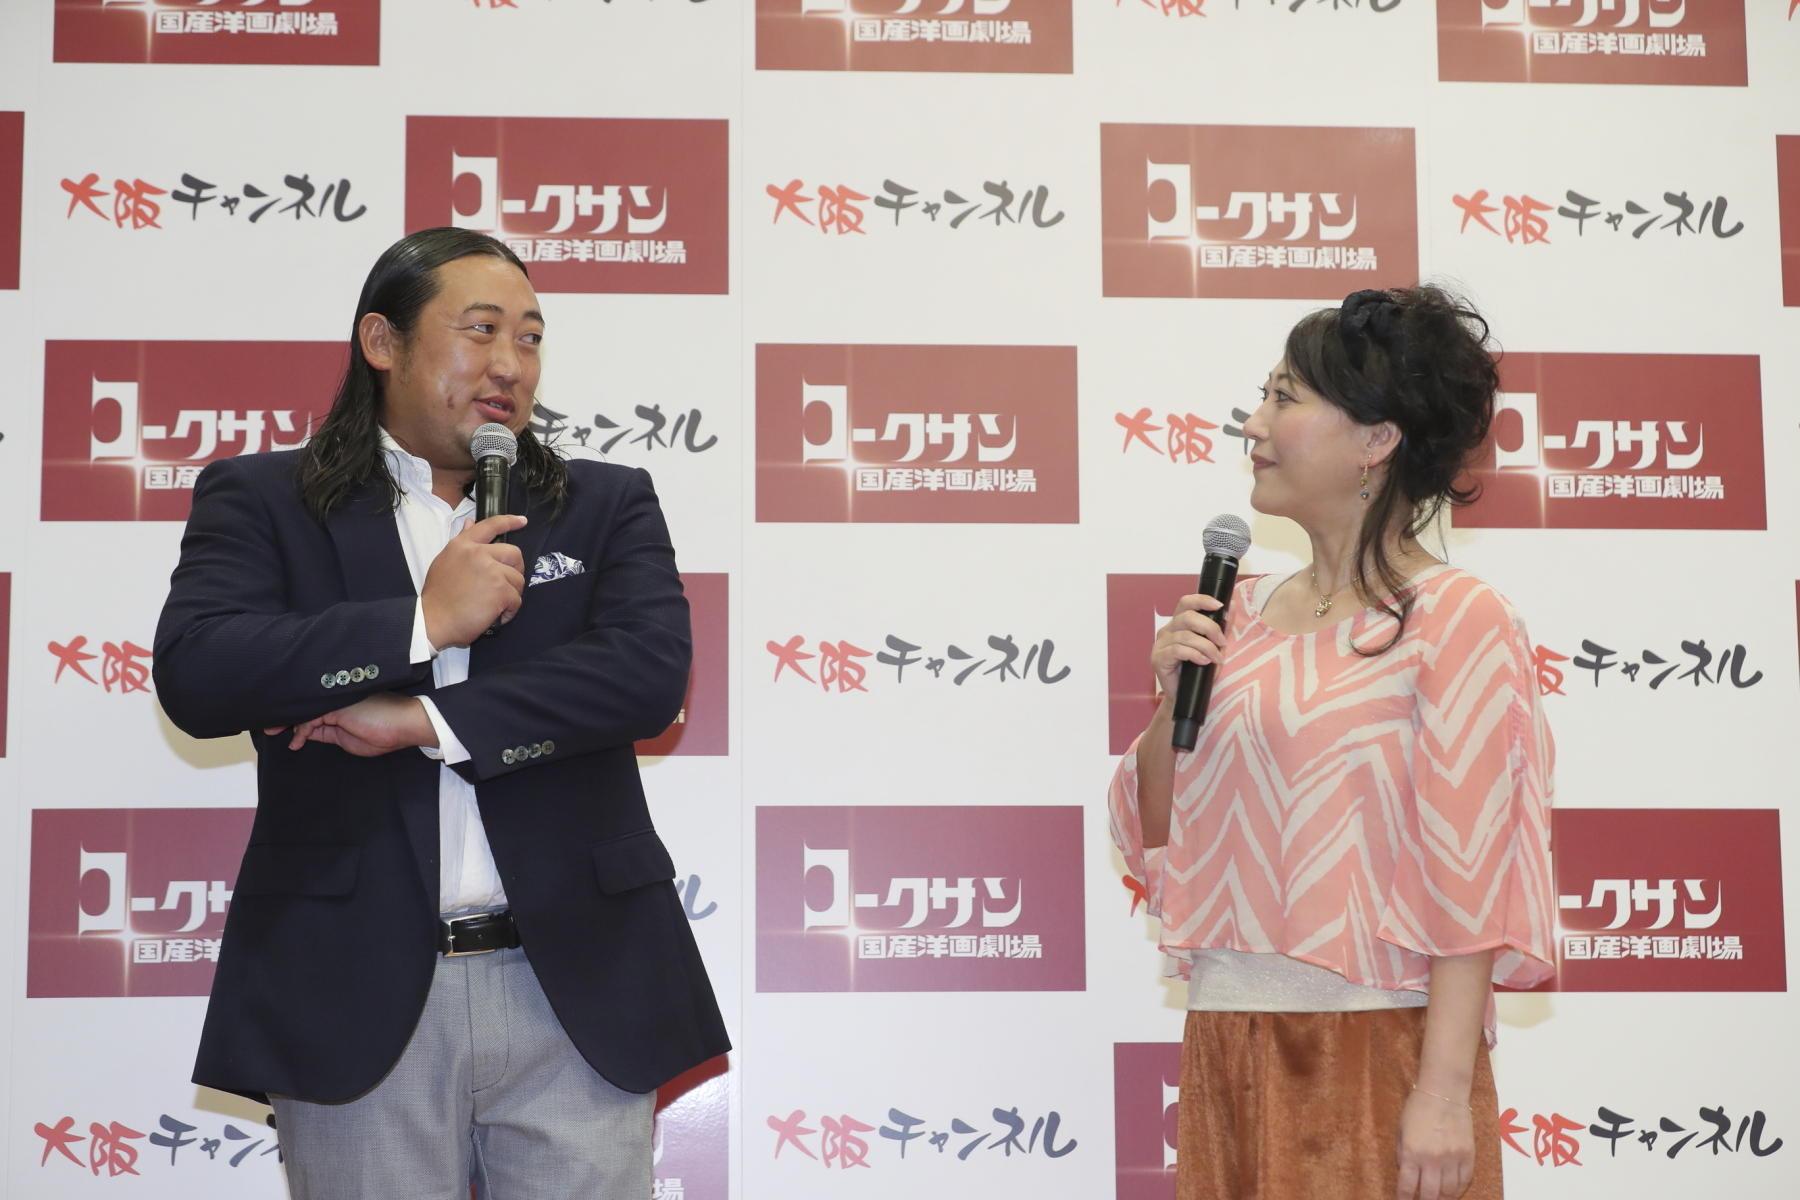 http://news.yoshimoto.co.jp/20180831163950-66fec87b800b12bc6d10bb619e78cb080569bc0f.jpg